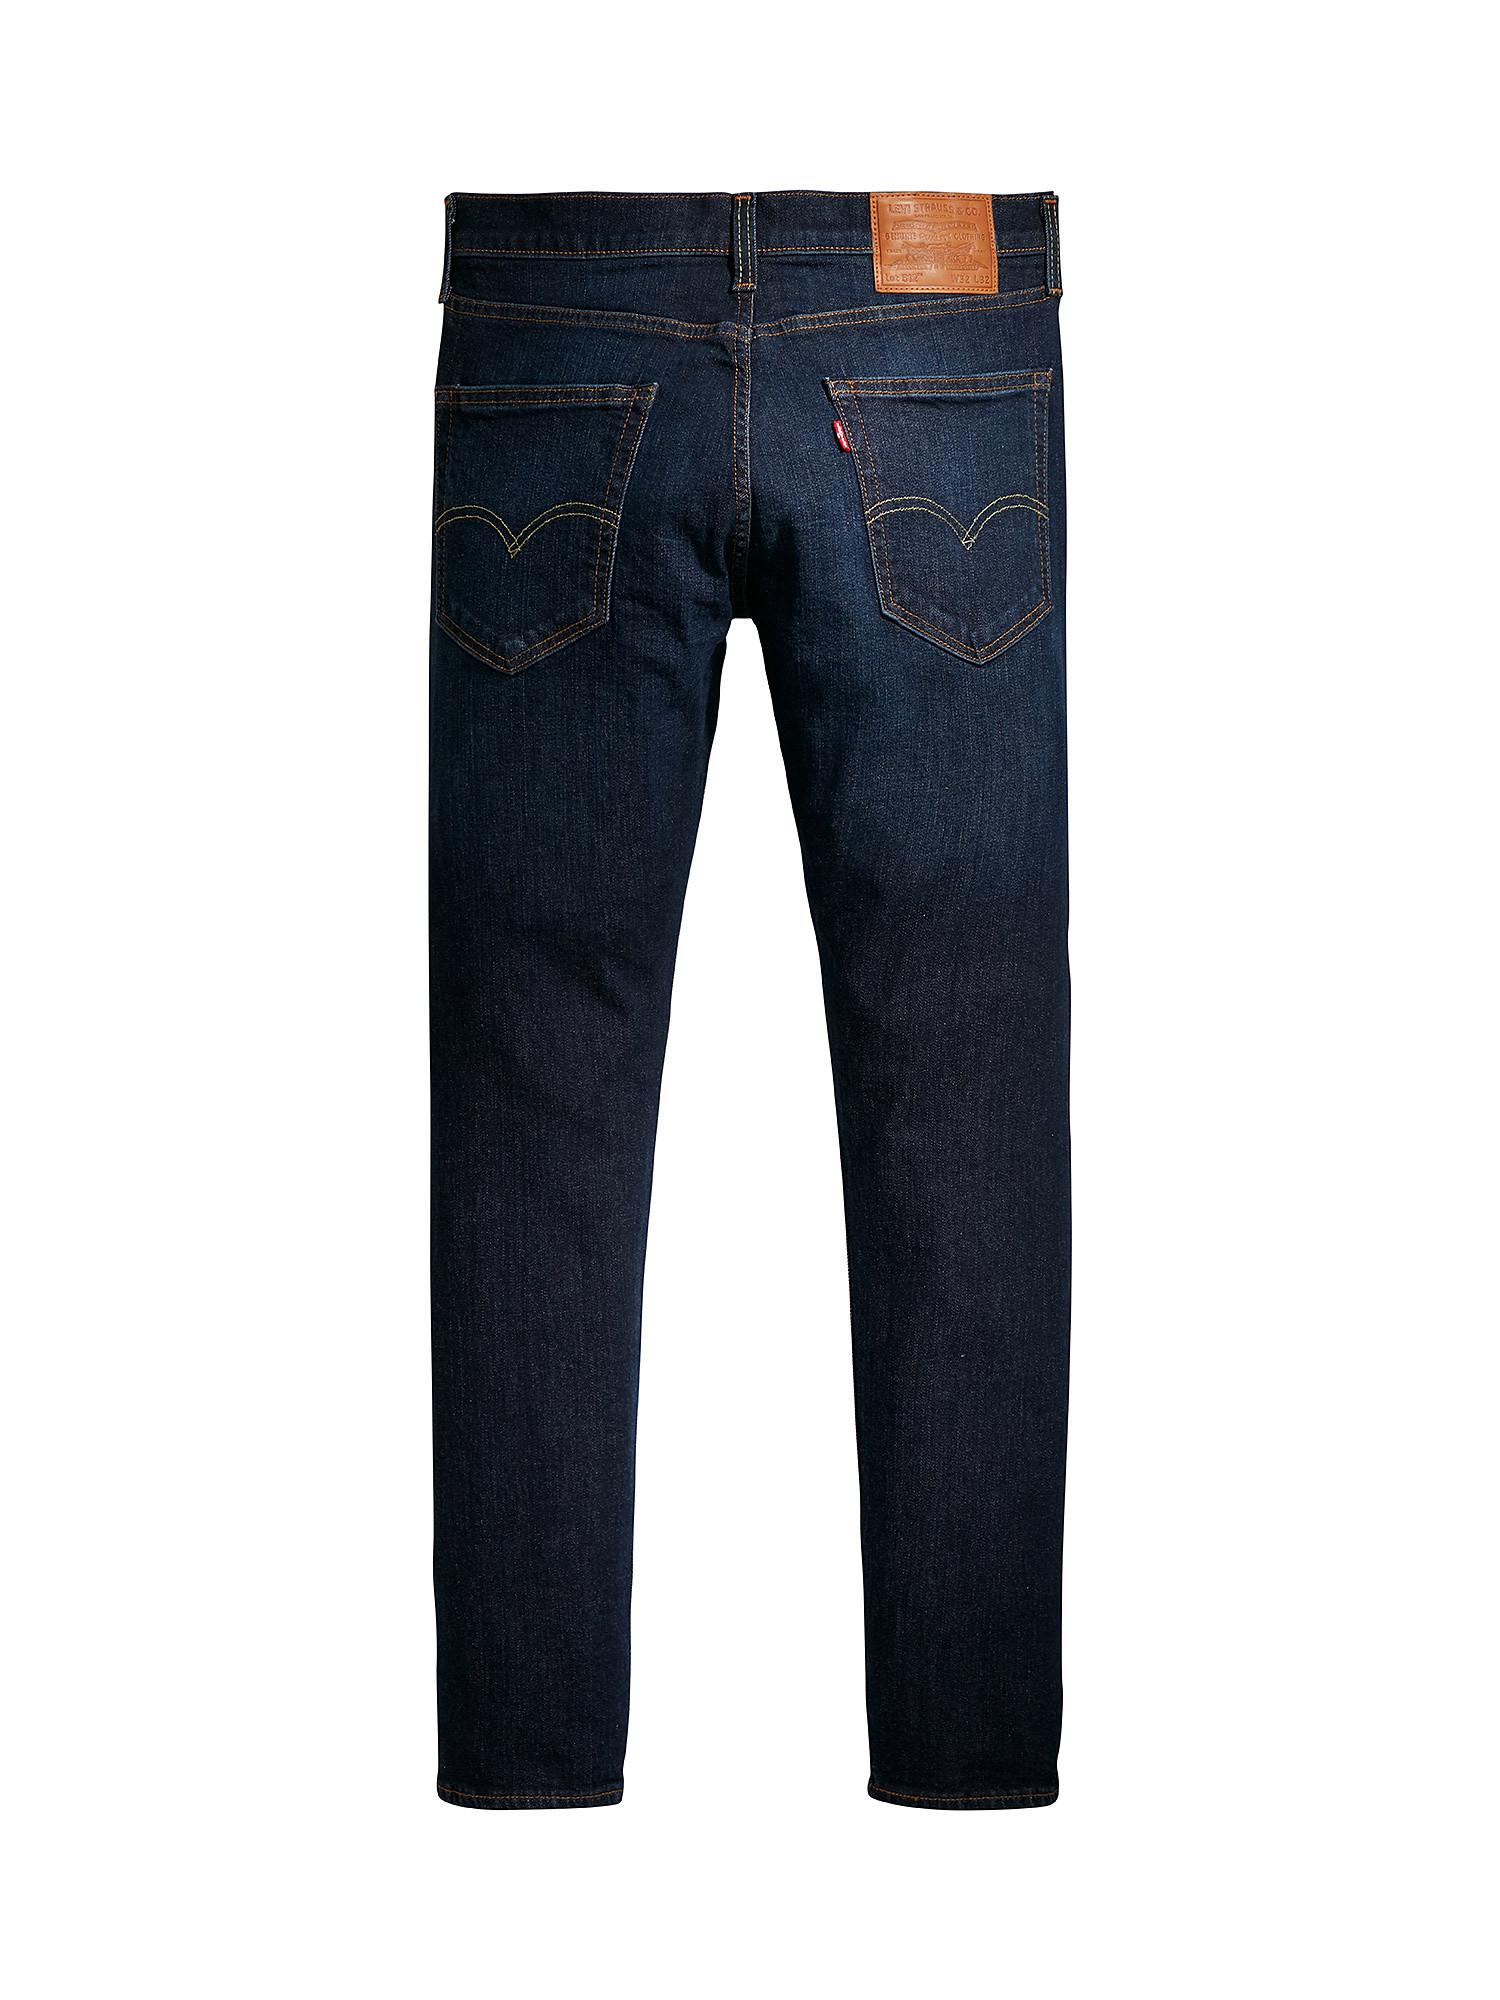 Jeans 5 tasche 512 Slim Taper, Denim, large image number 8